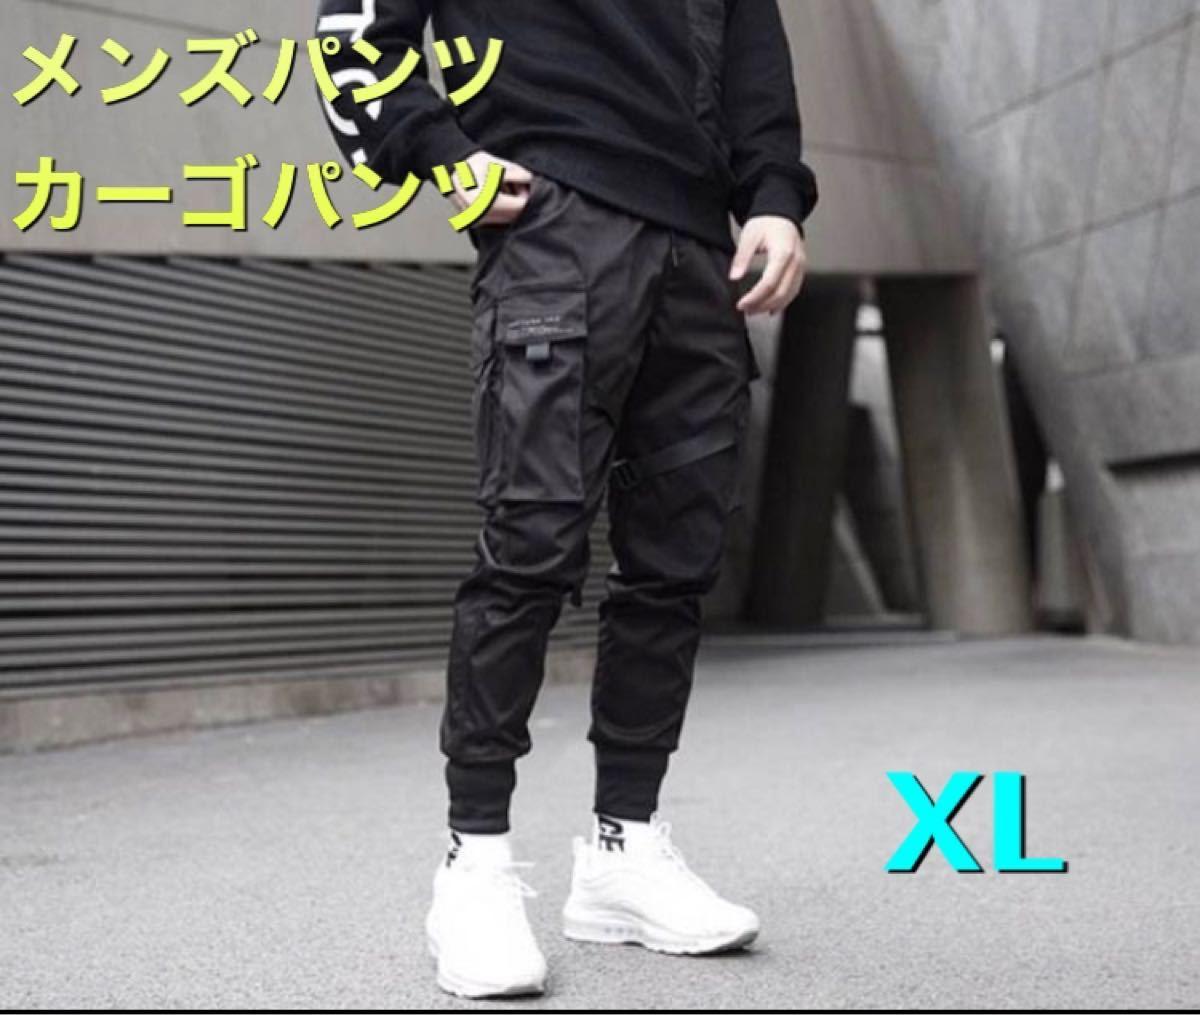 ★SALE★メンズパンツ  XL タクティカルパンツ  ジョガーパンツ カーゴパンツ ワークパンツ 作業着 アウトドア